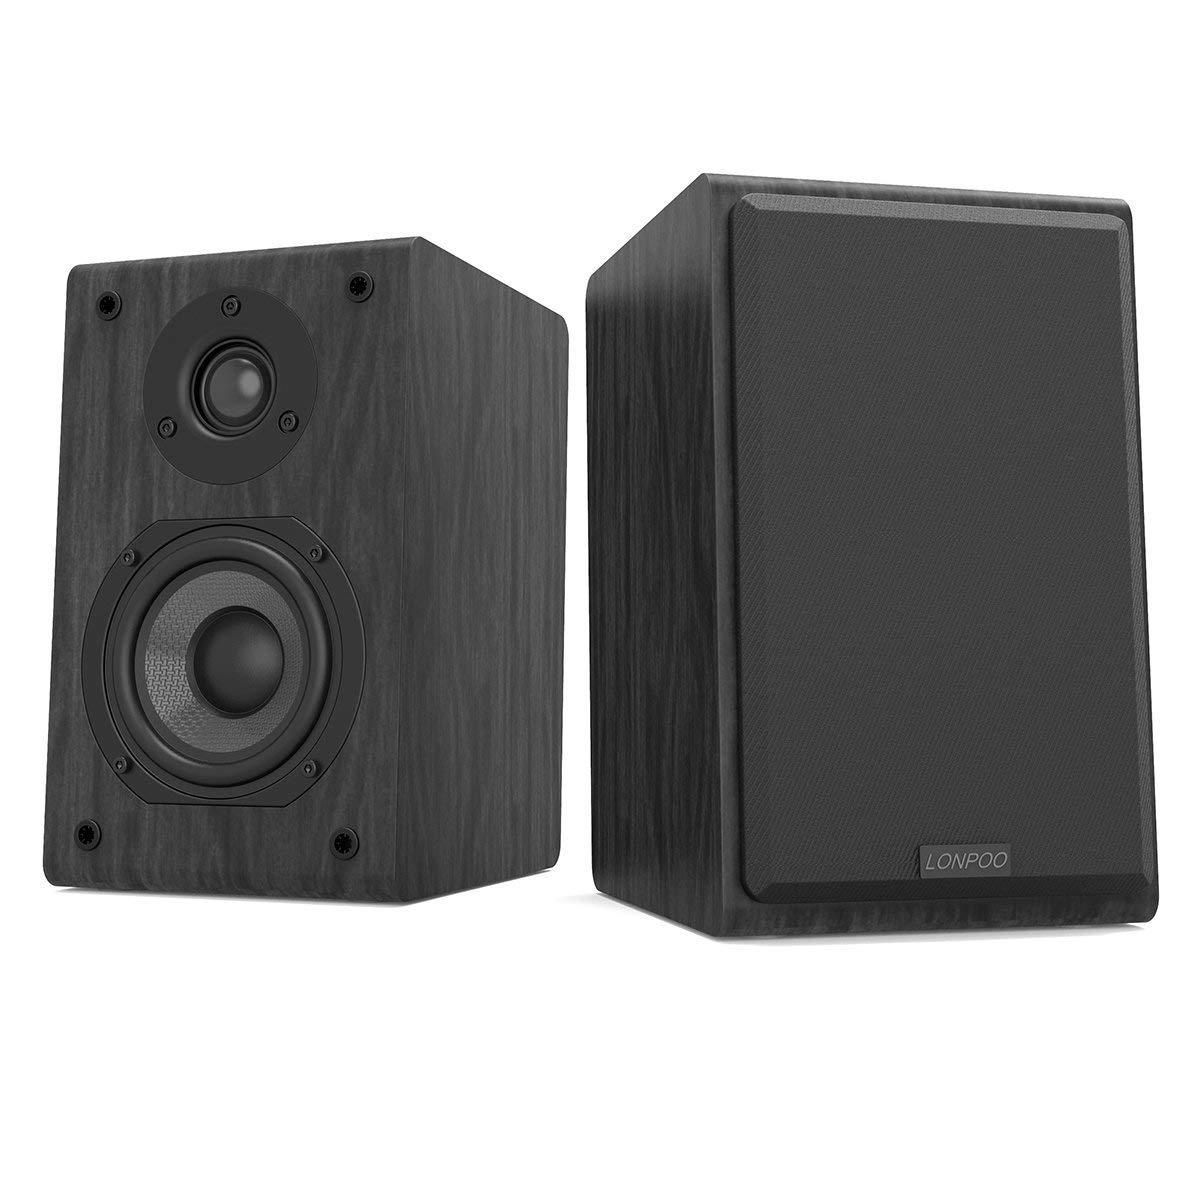 LONPOO LP42 HiFi Altavoces de estantería pasivos, Bookshelf Speaker, Altavoz de madera clásico con subwoofer y Tweeter (cine en casa, 75W * 2 potencia RMS, ...